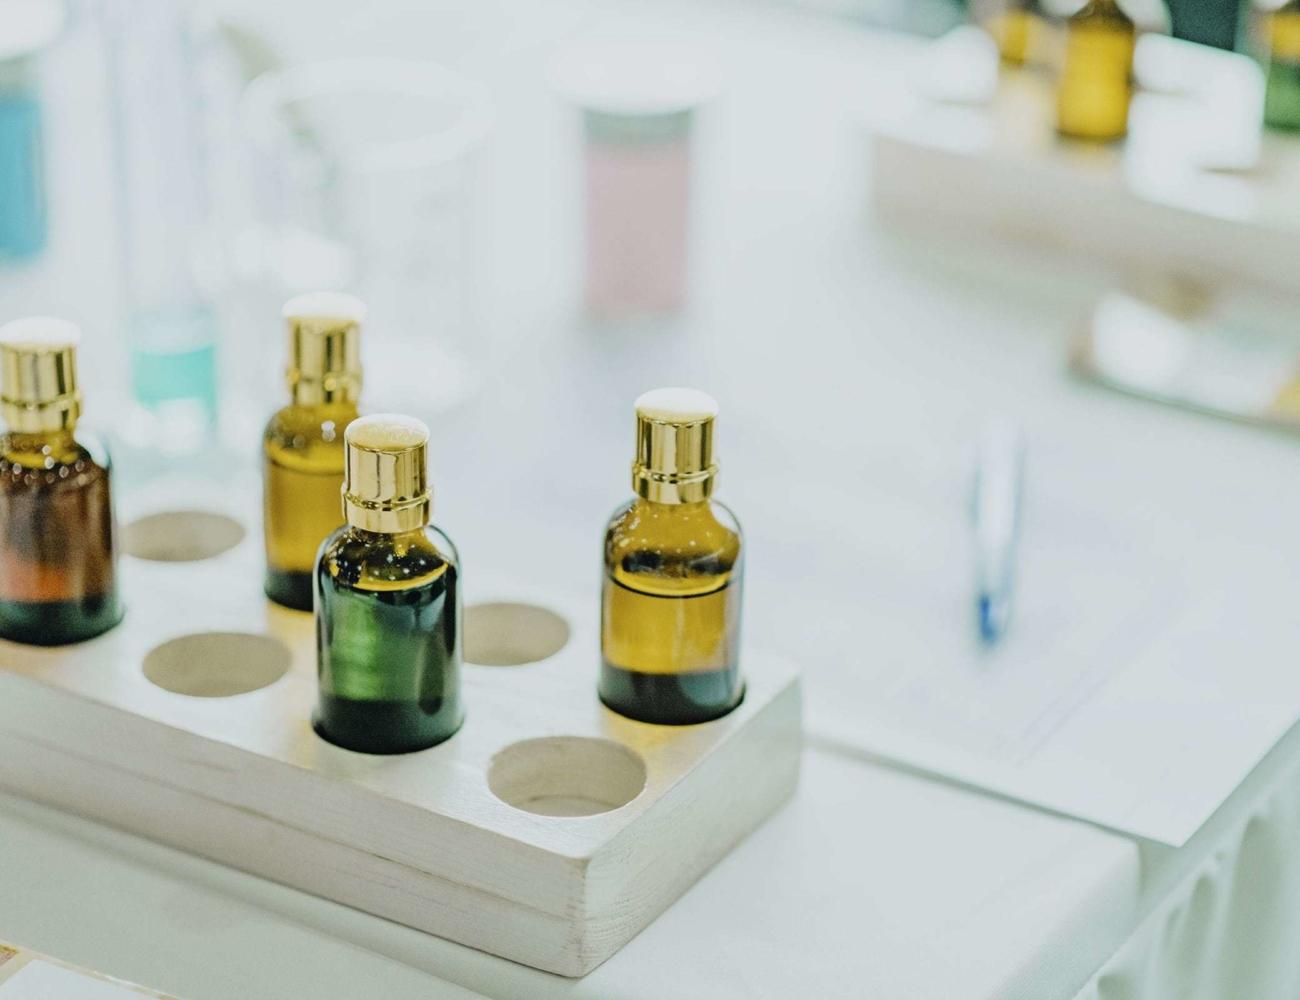 Oo parfum 02